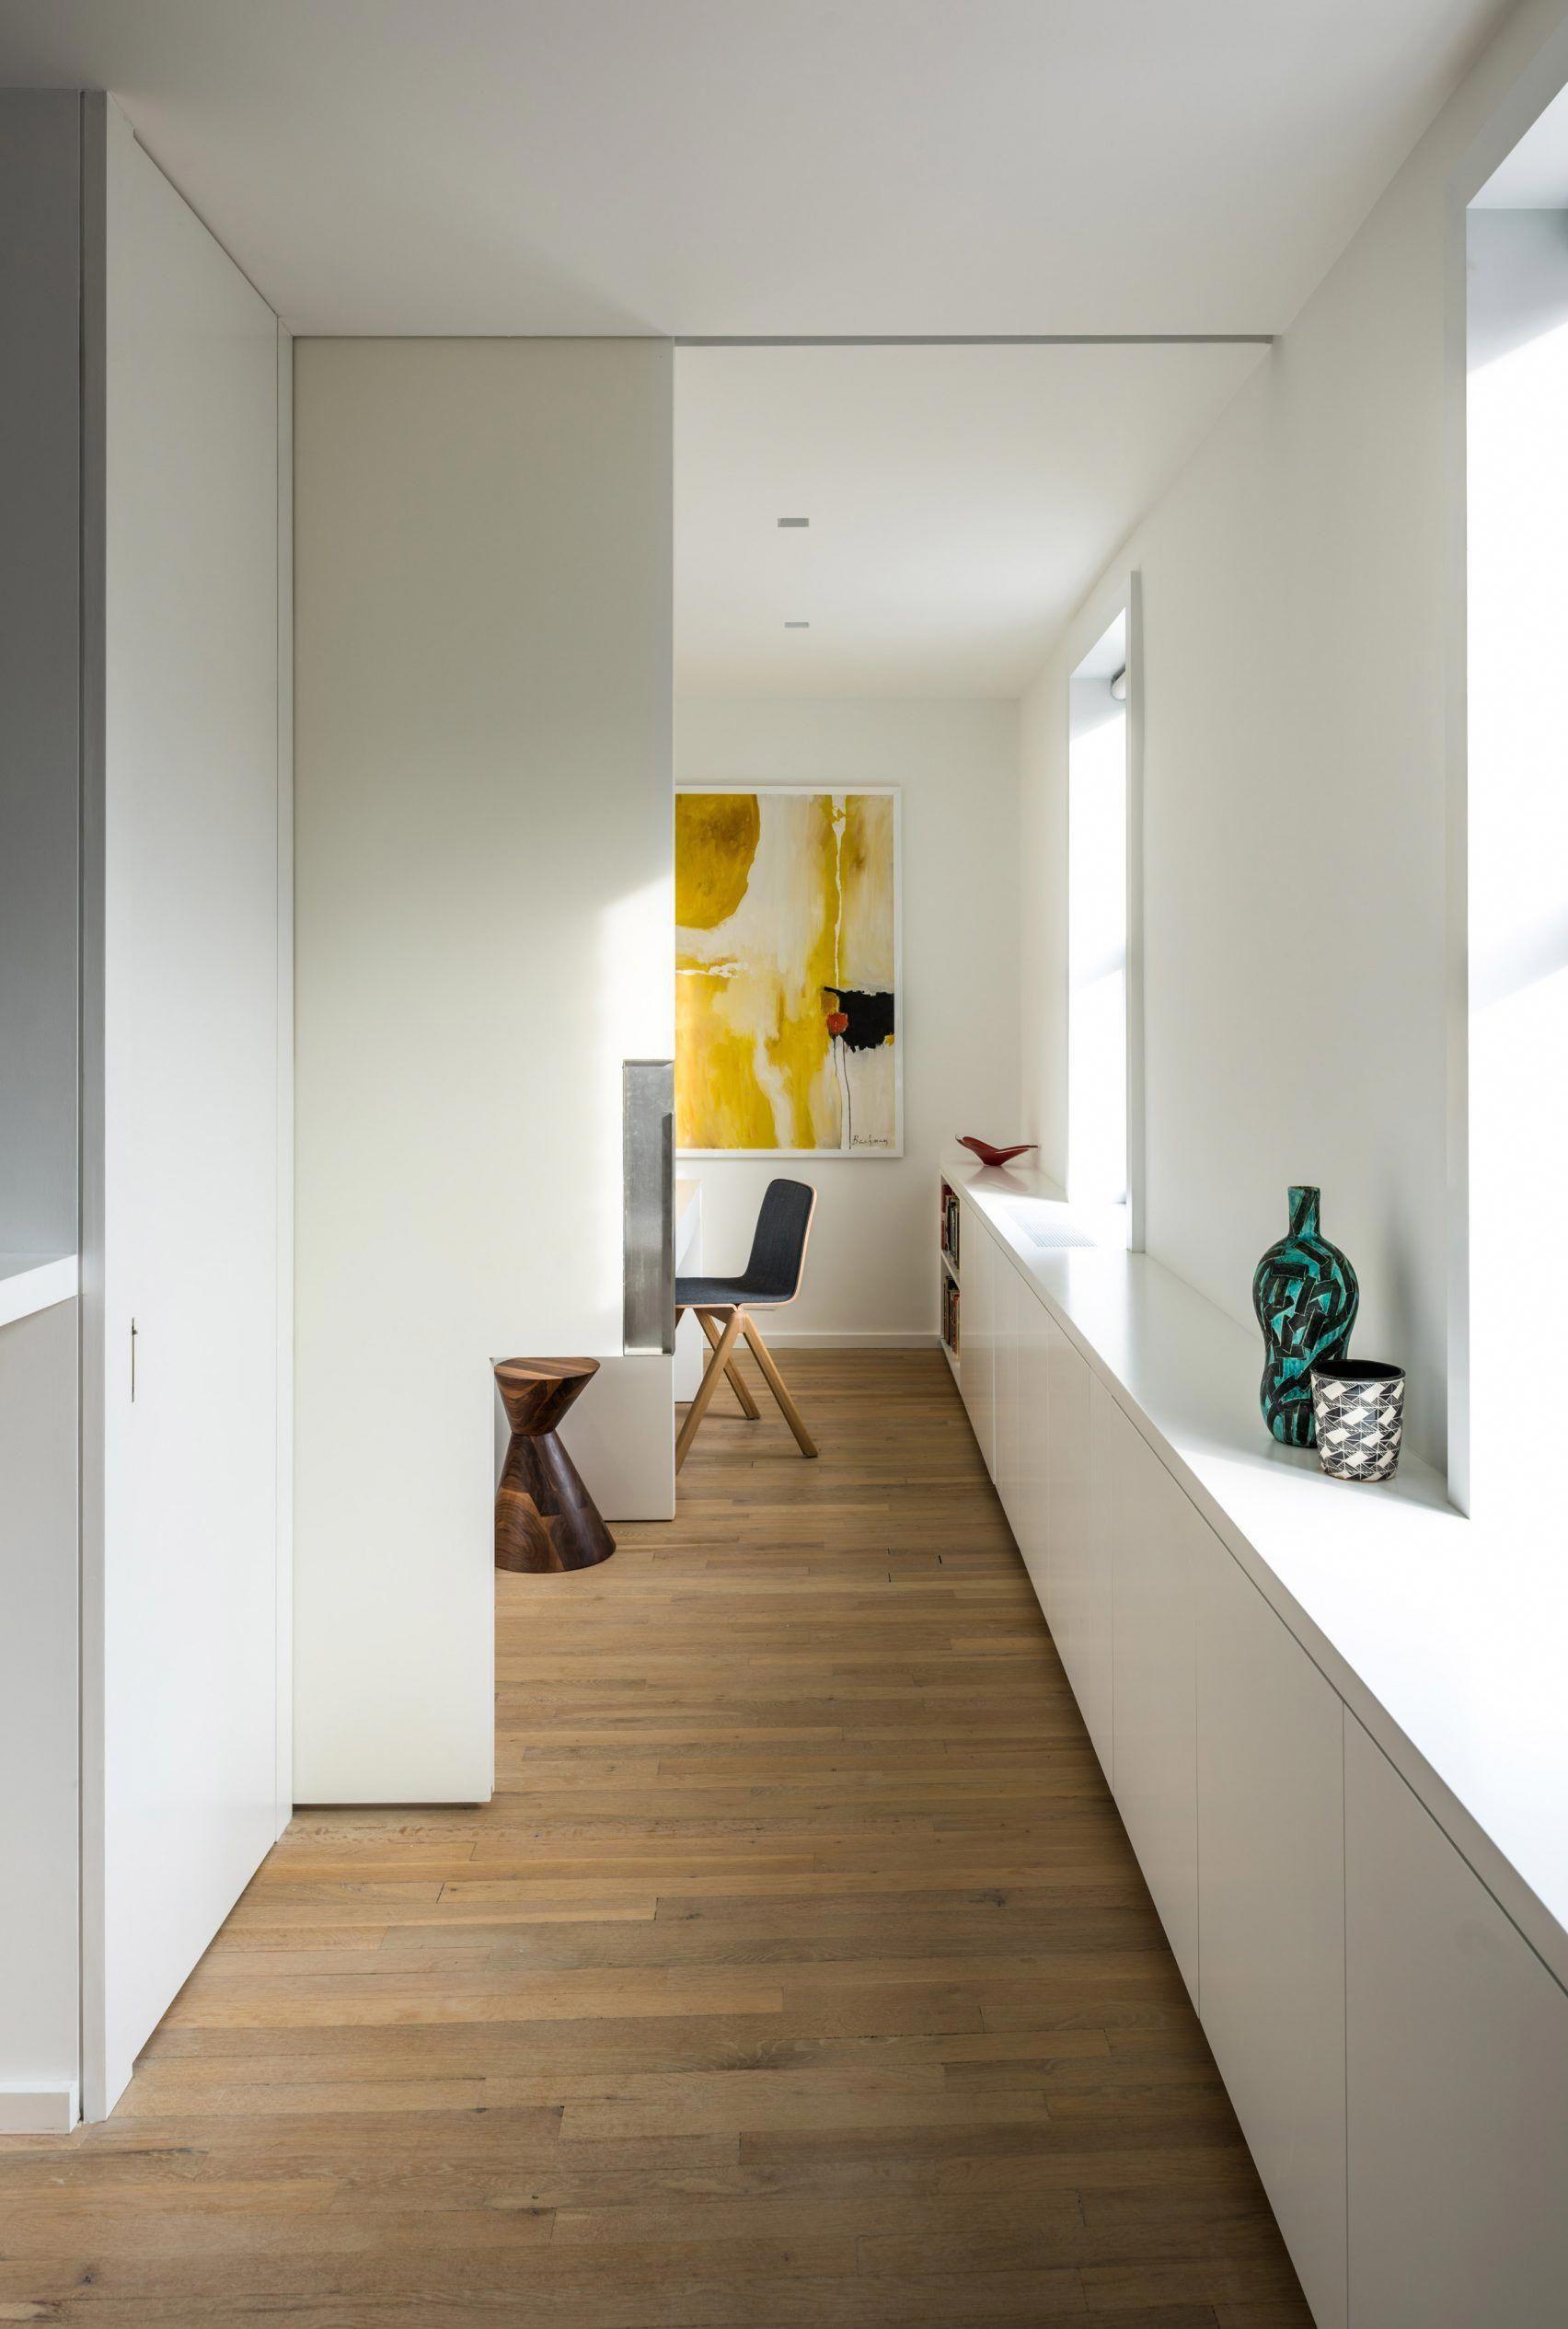 Bank street apartment by mkca houseinteriordesign home interior design best websites also house goals rh pinterest